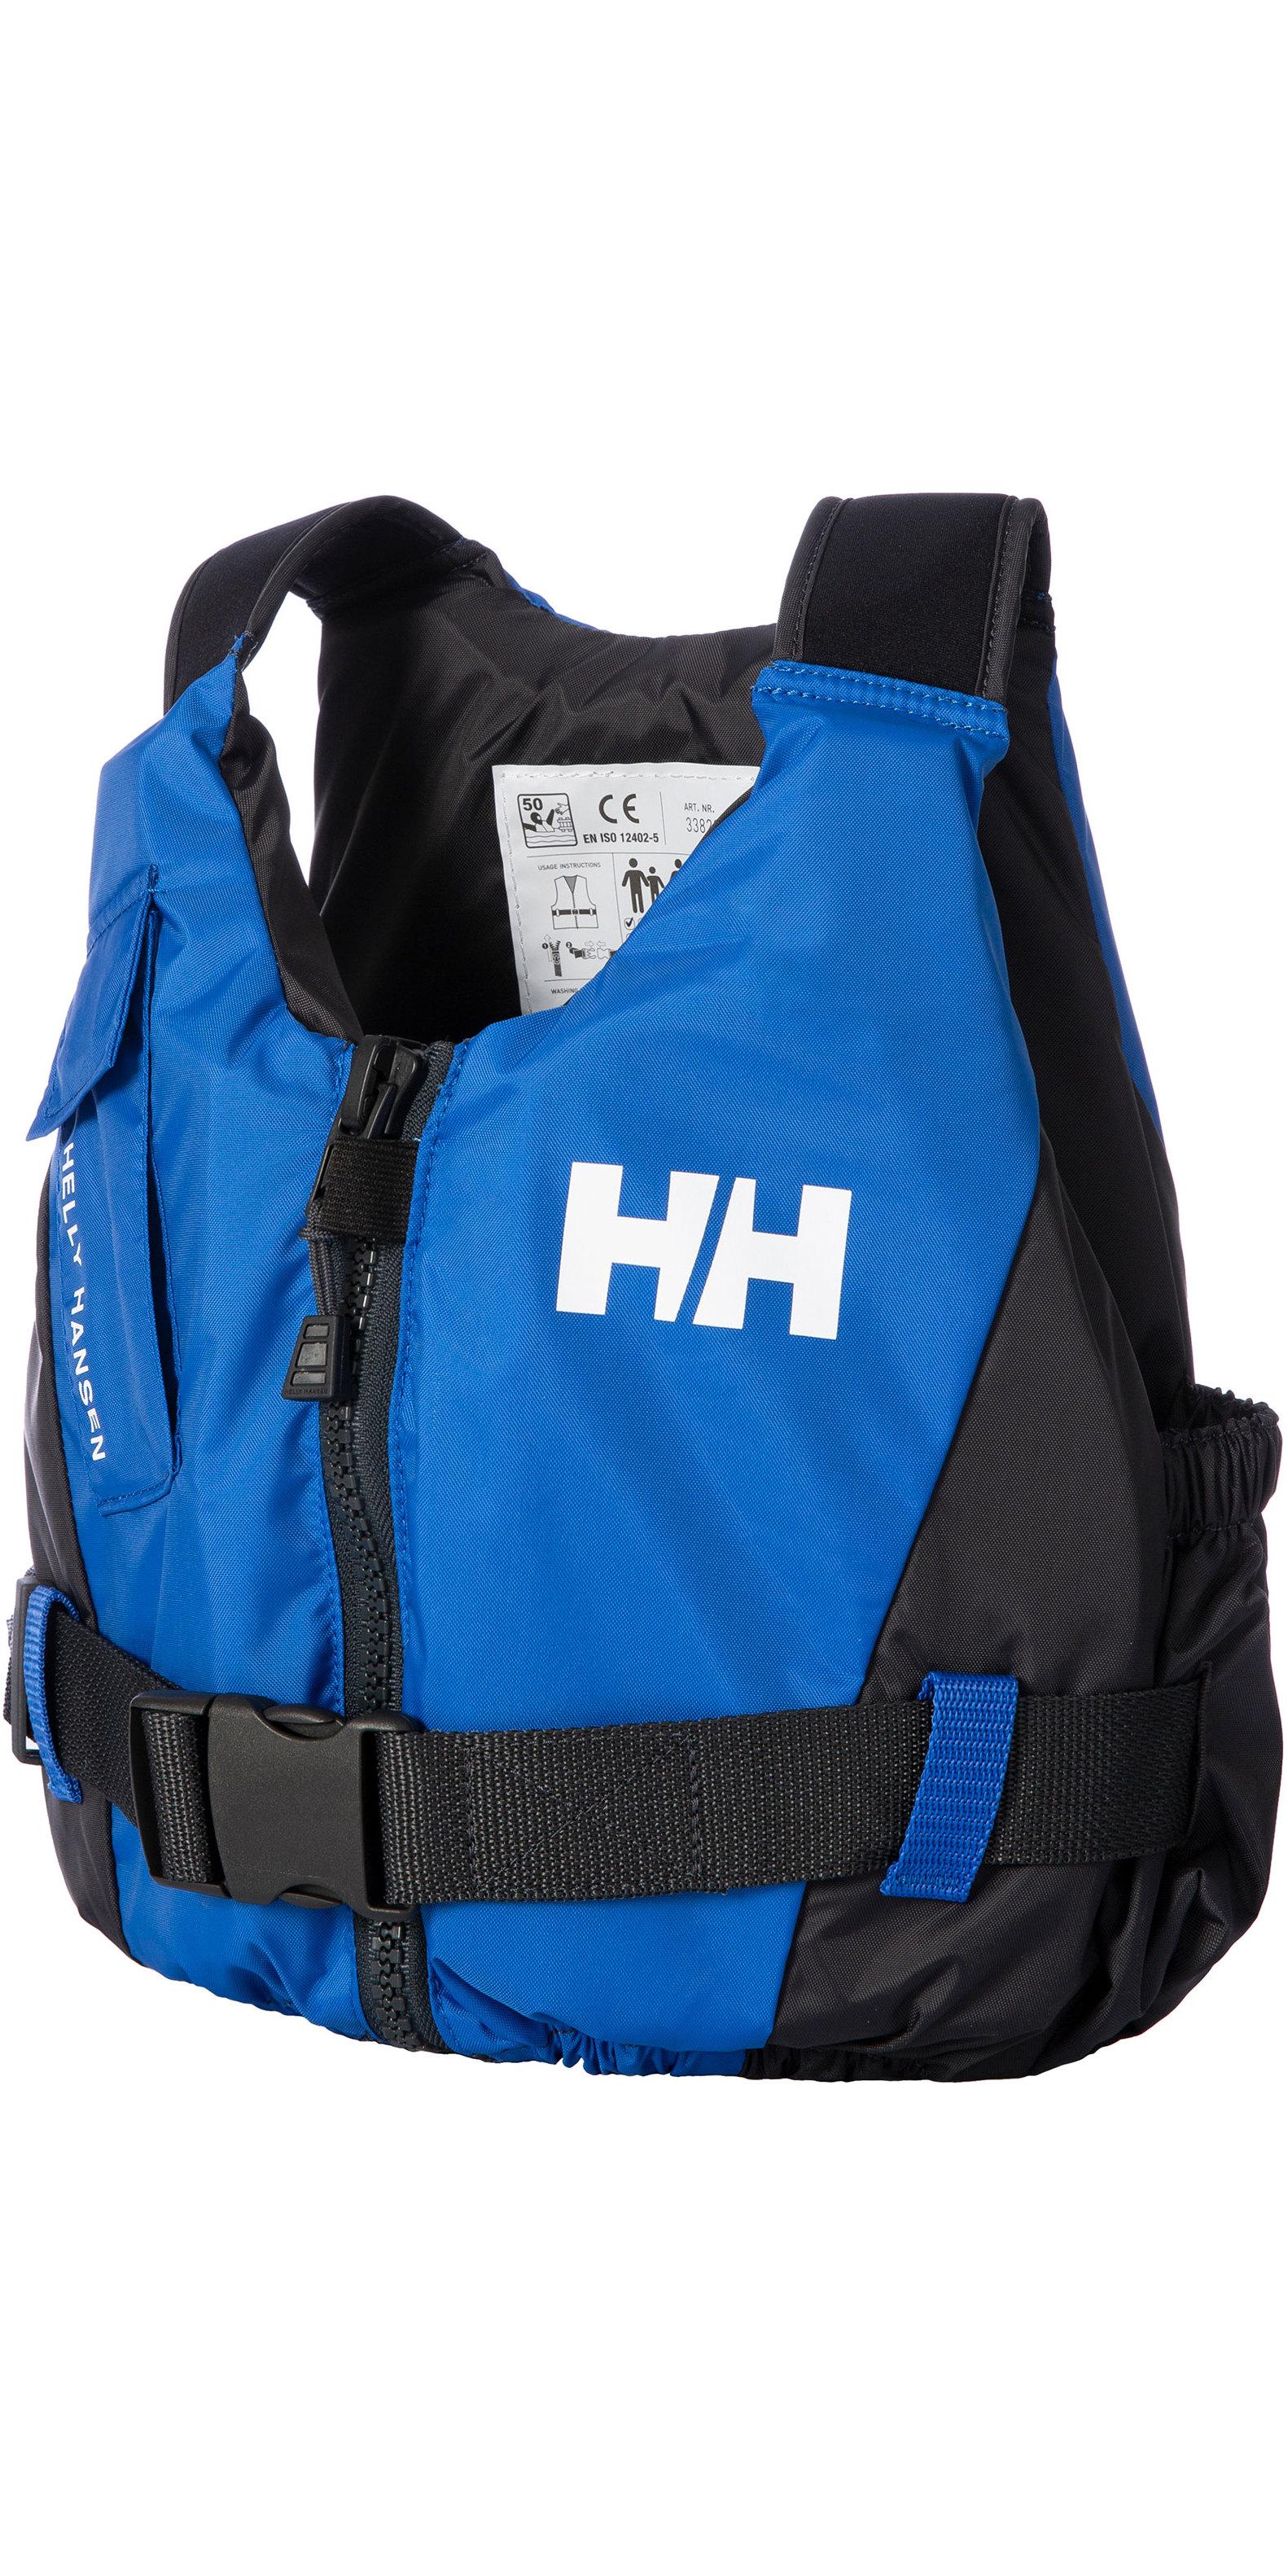 2019 Helly Hansen 50N Rider Vest / Buoyancy Aid 33820 - Olympian Blue